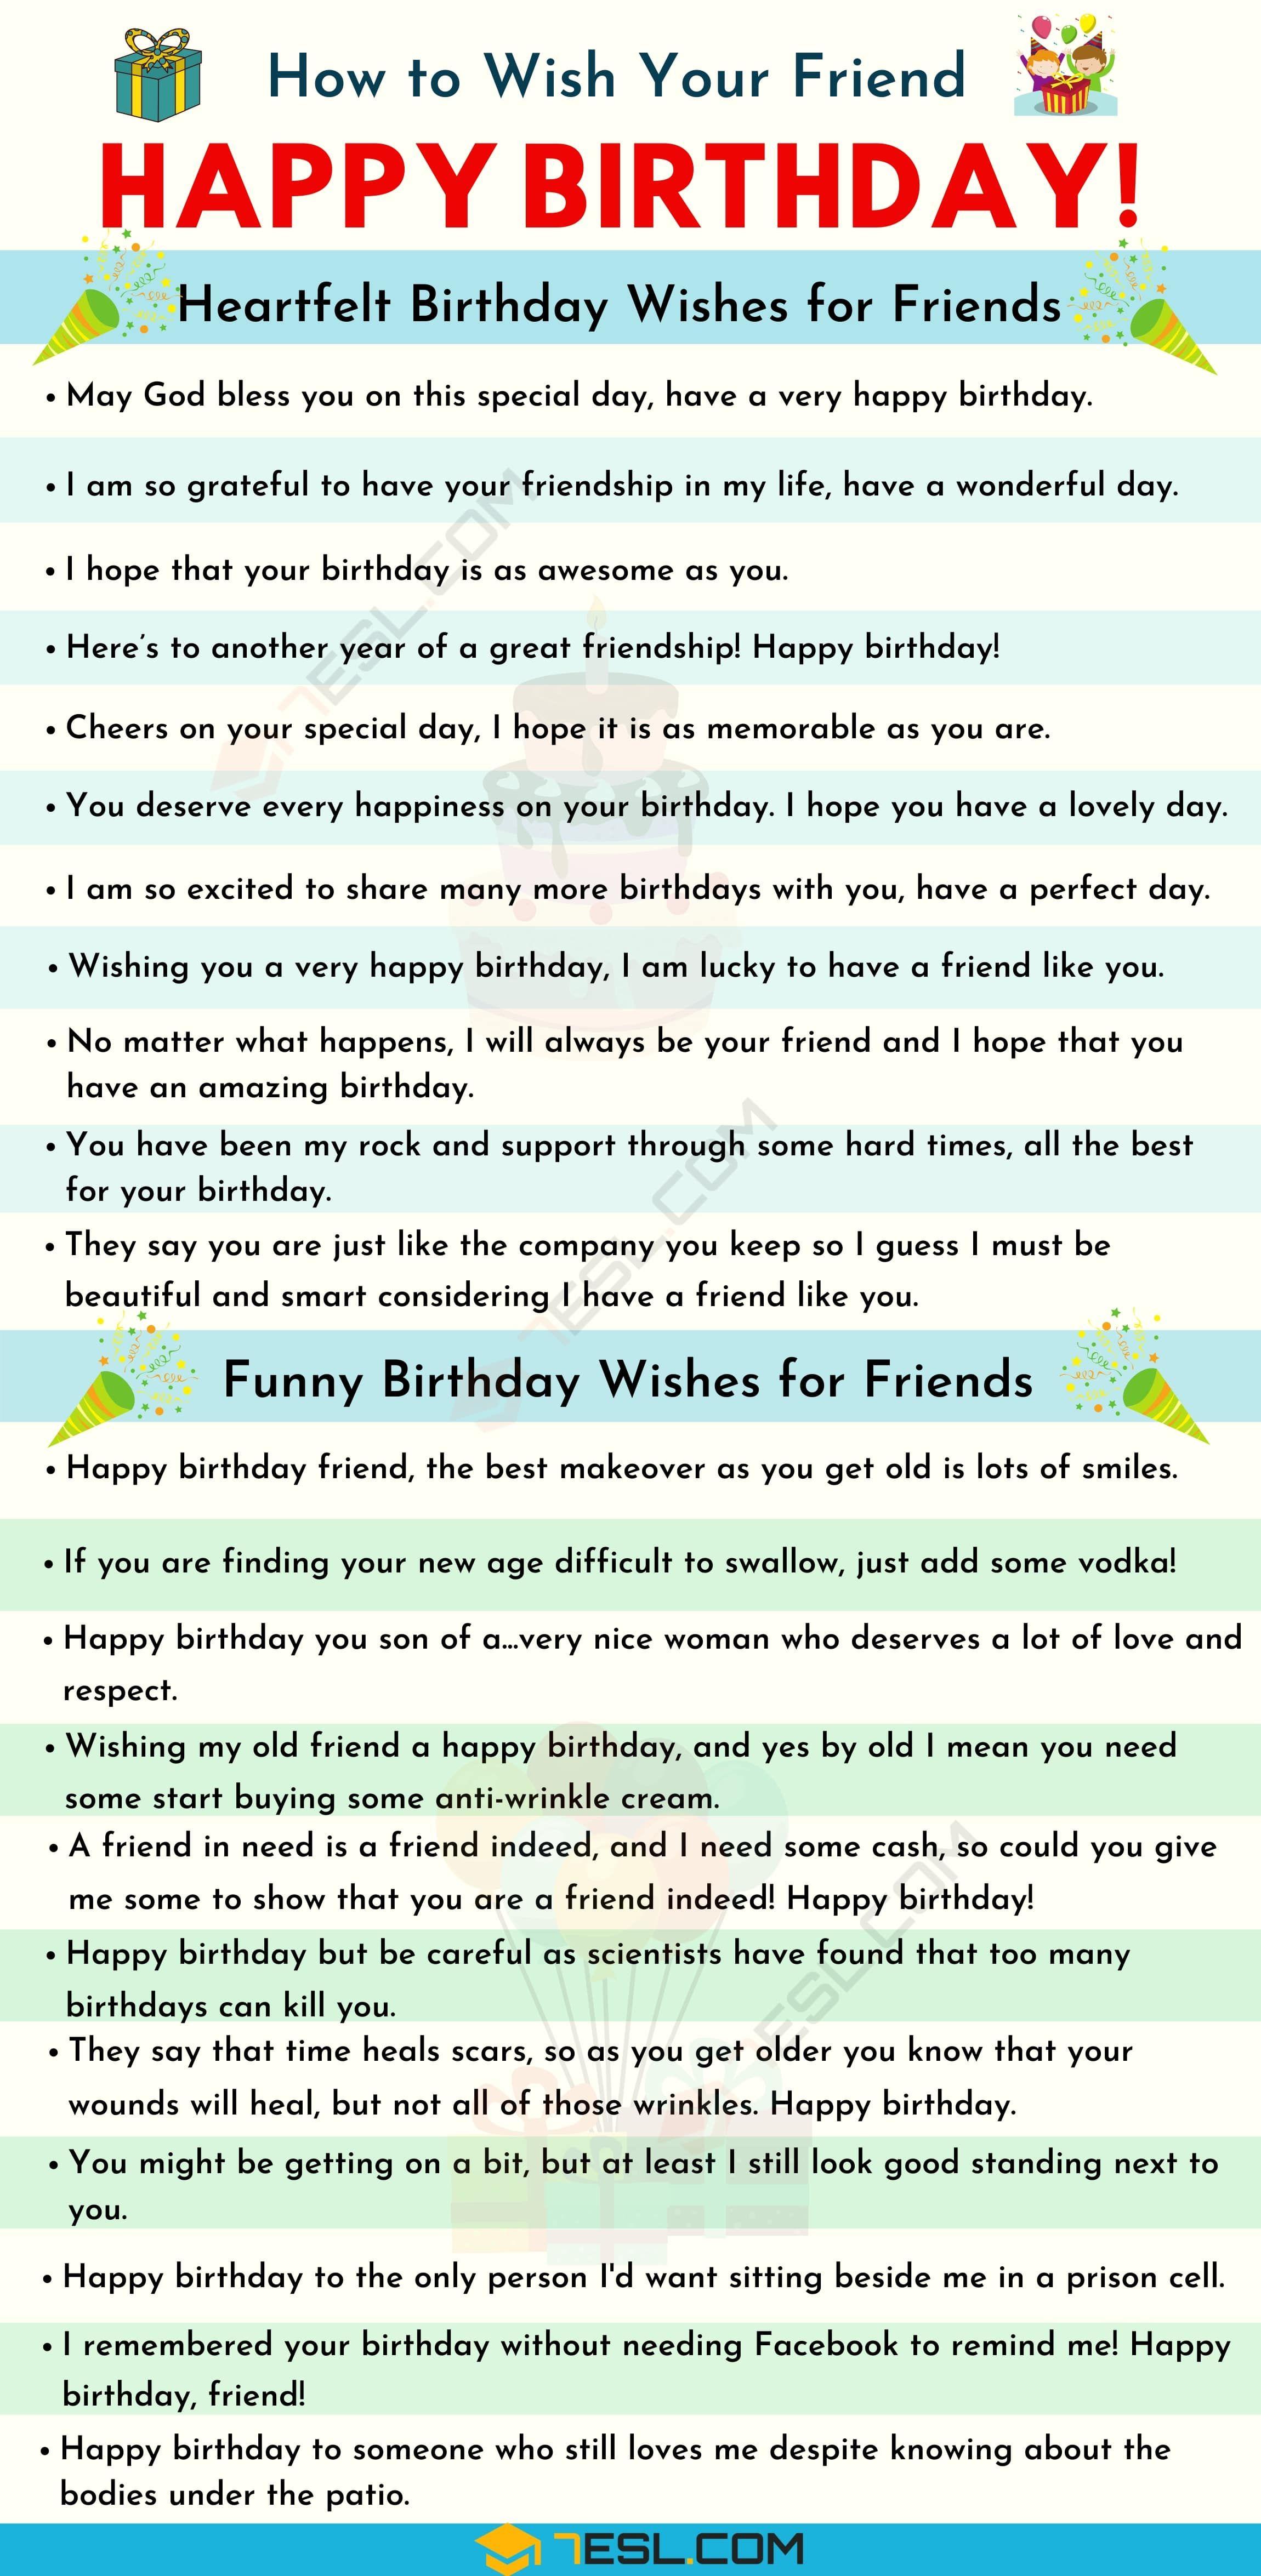 Happy Birthday Friend 35 Heartfelt And Funny Birthday Wishes For Friends 7 E S L In 2020 Wishes For Friends Birthday Wishes Funny Birthday Quotes For Girlfriend